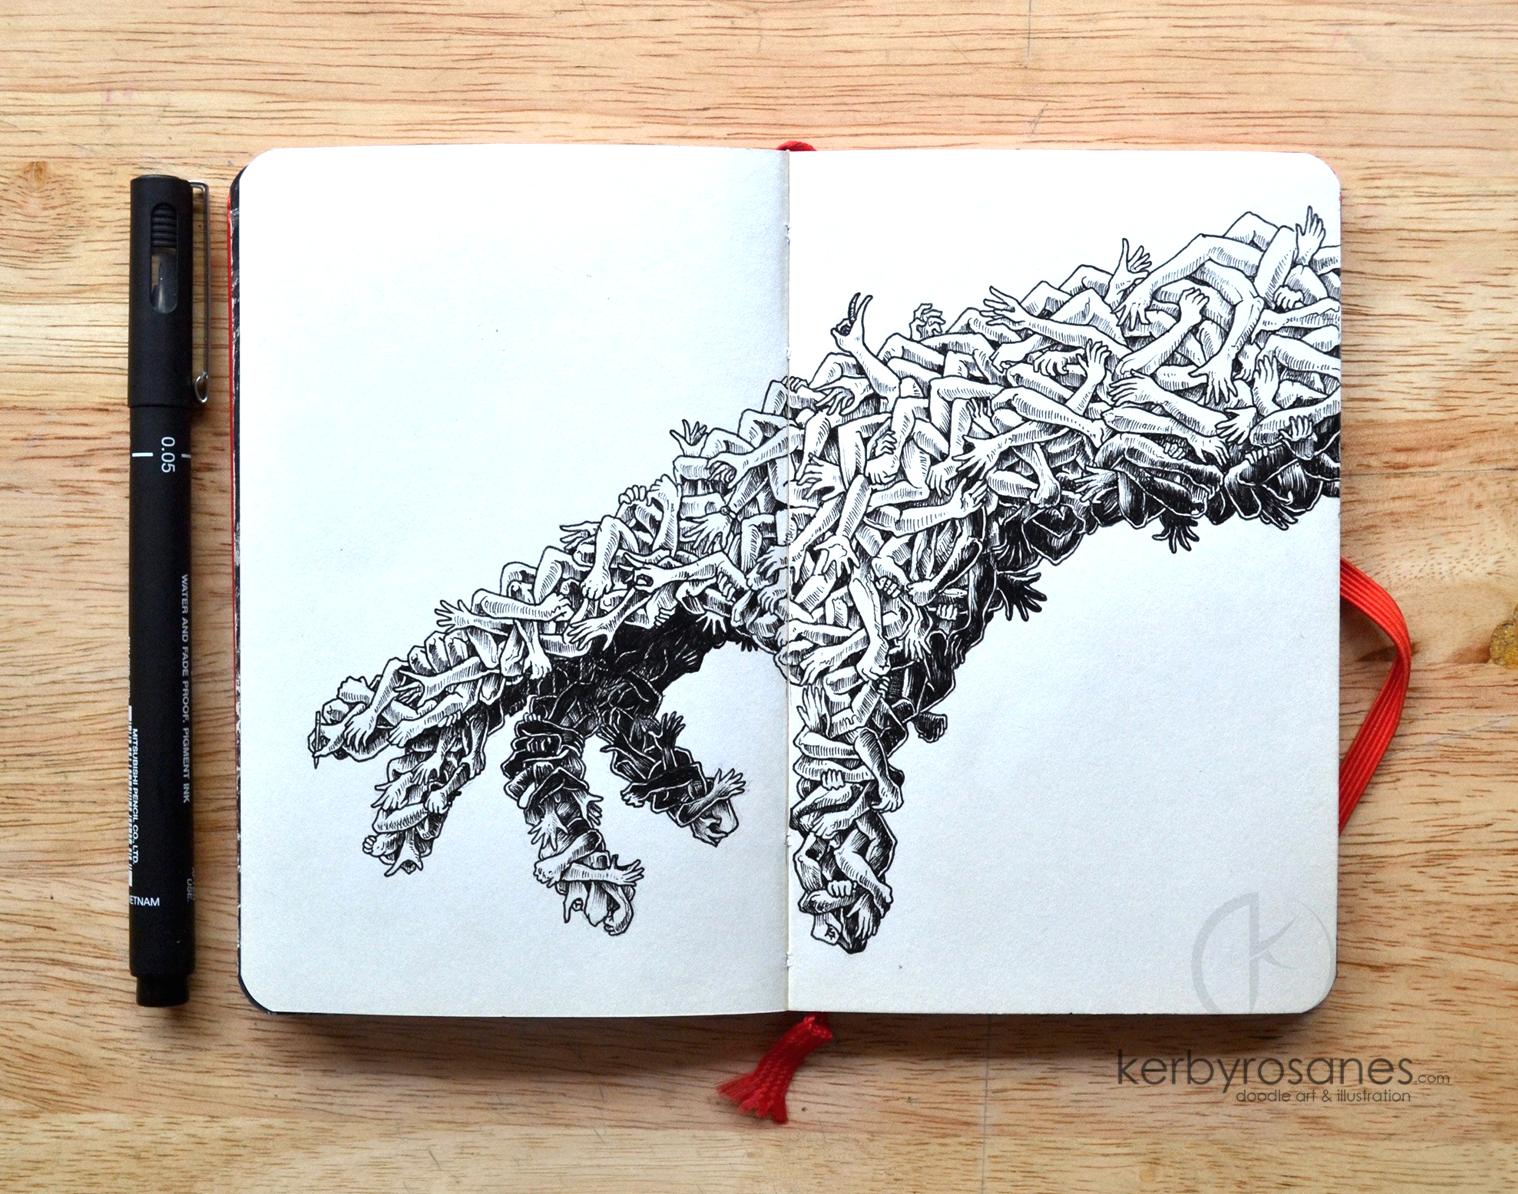 その才能に嫉妬する。極細黒ペンのみで描き上げた、世界一の「イタズラ書き」